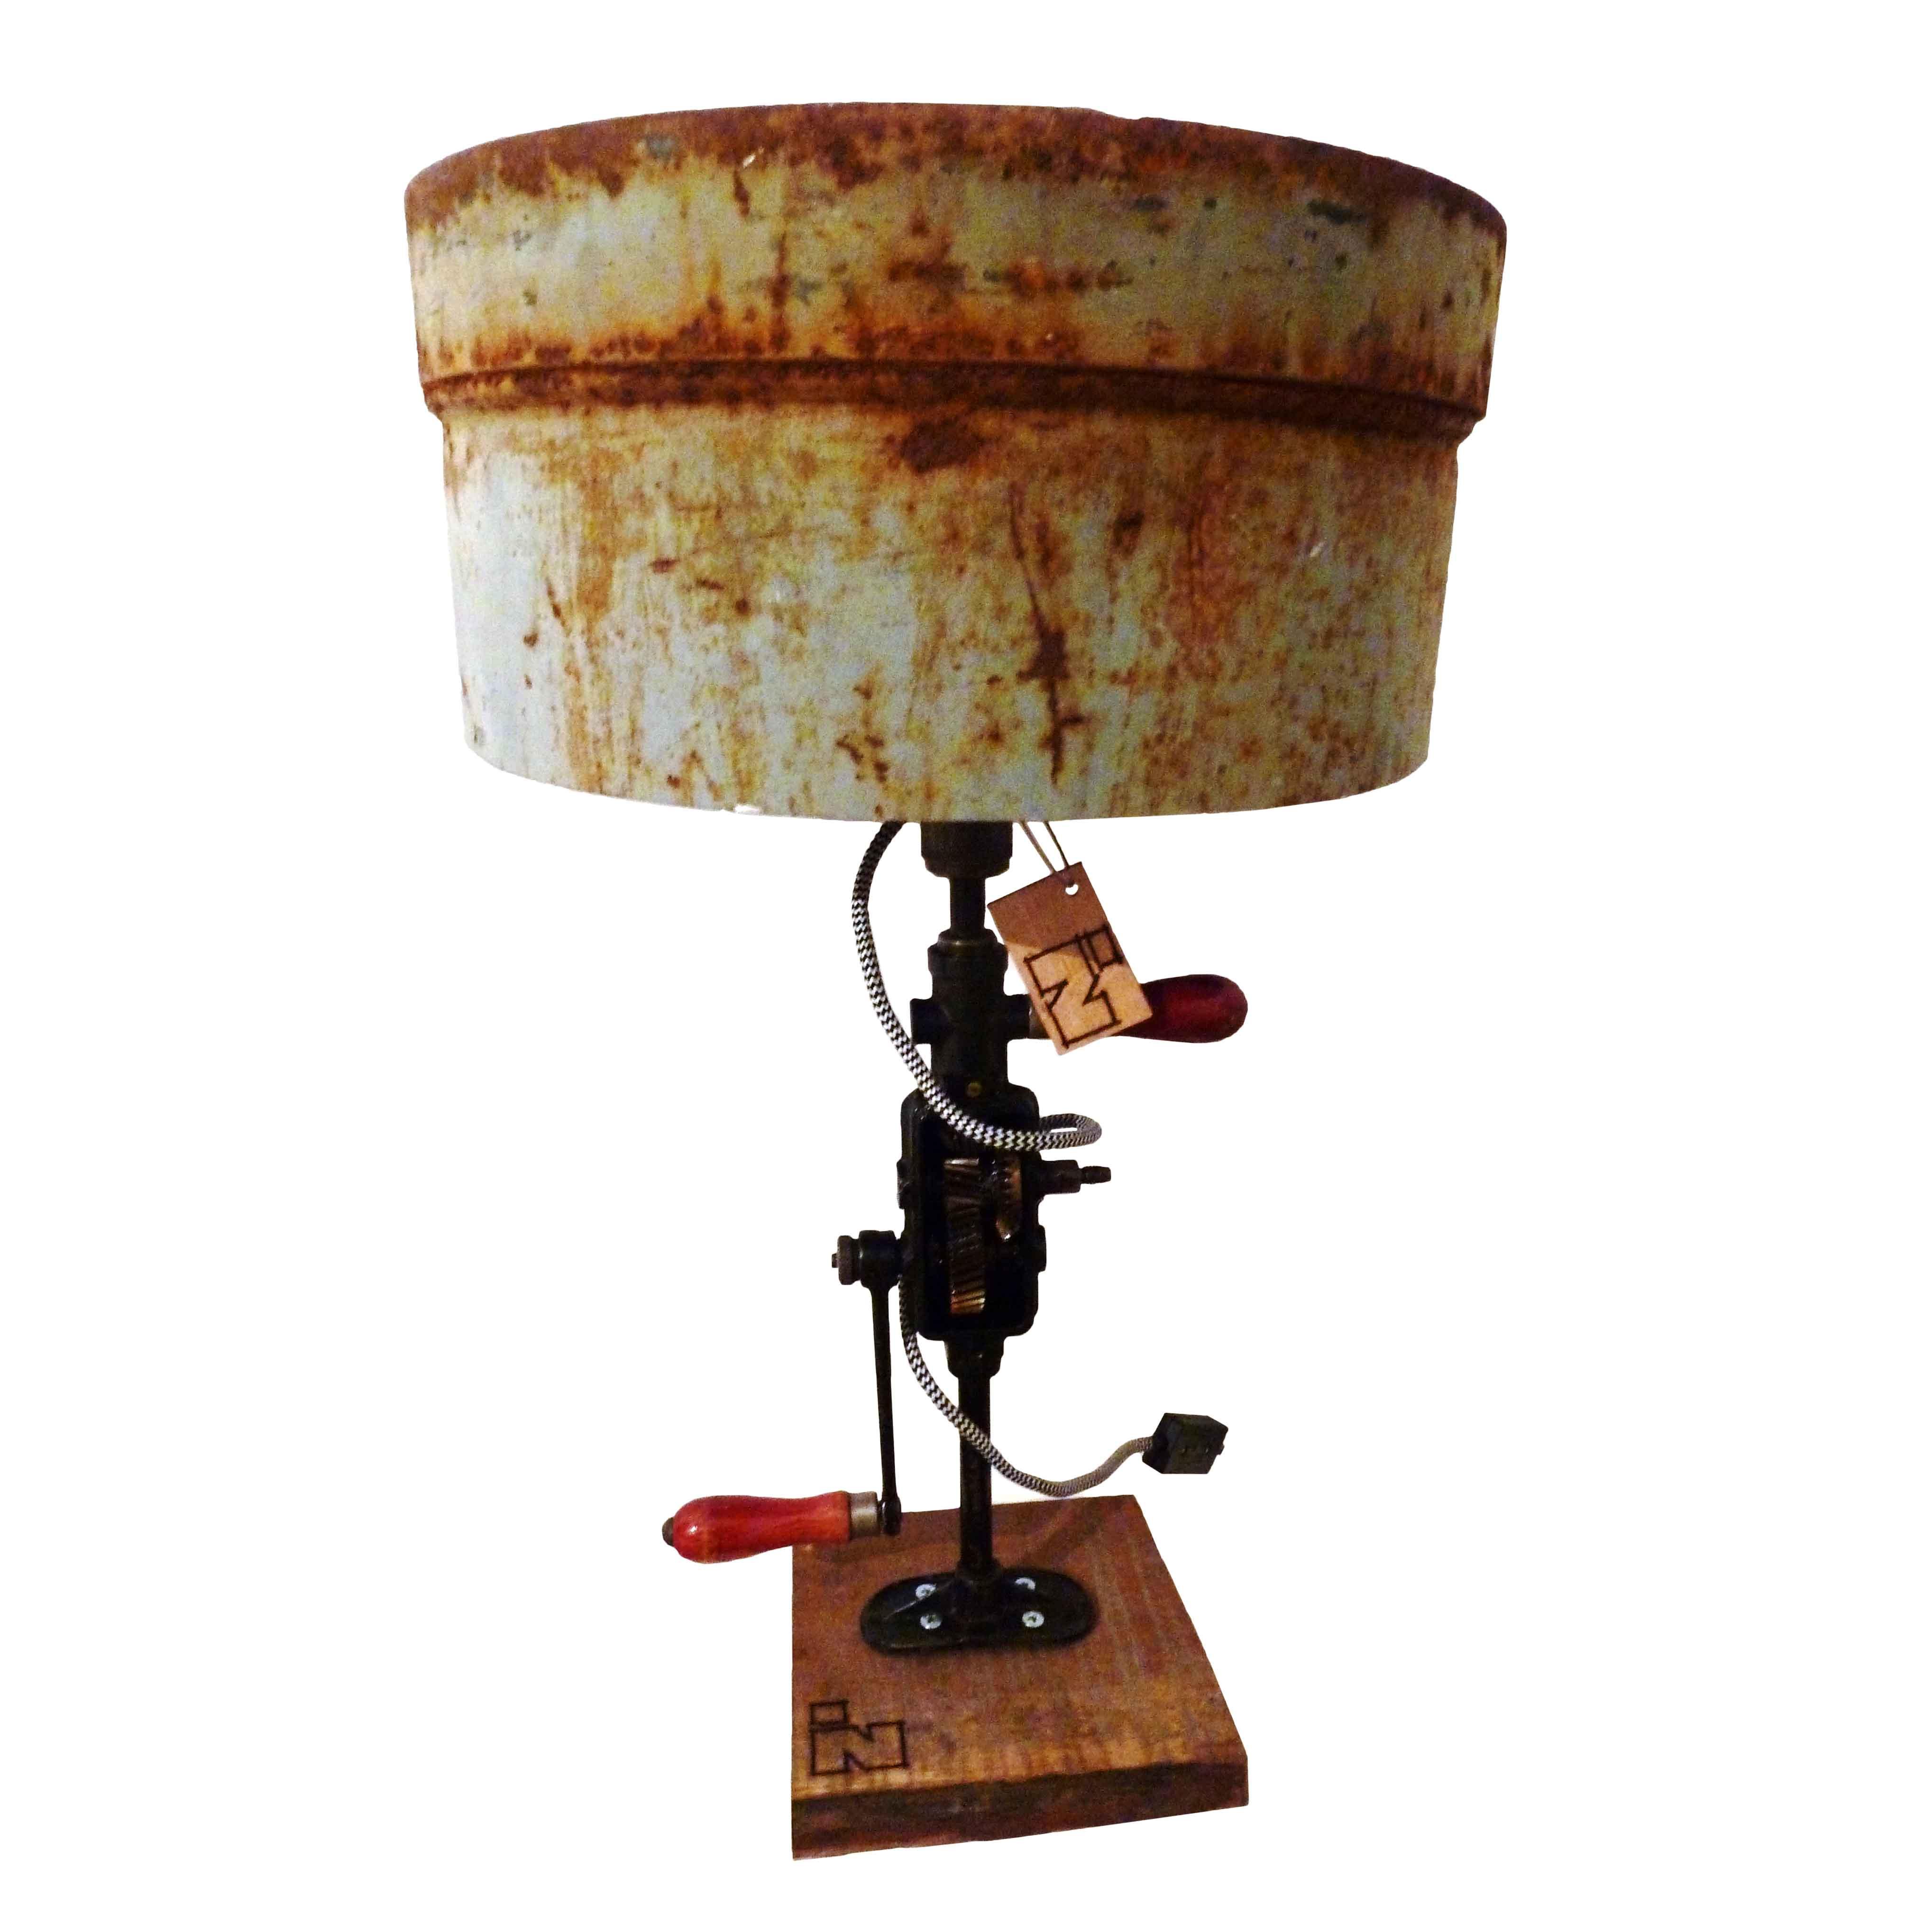 Verlichting 35x Tafellampen Inspiratie: Verlichting hanglampen ...